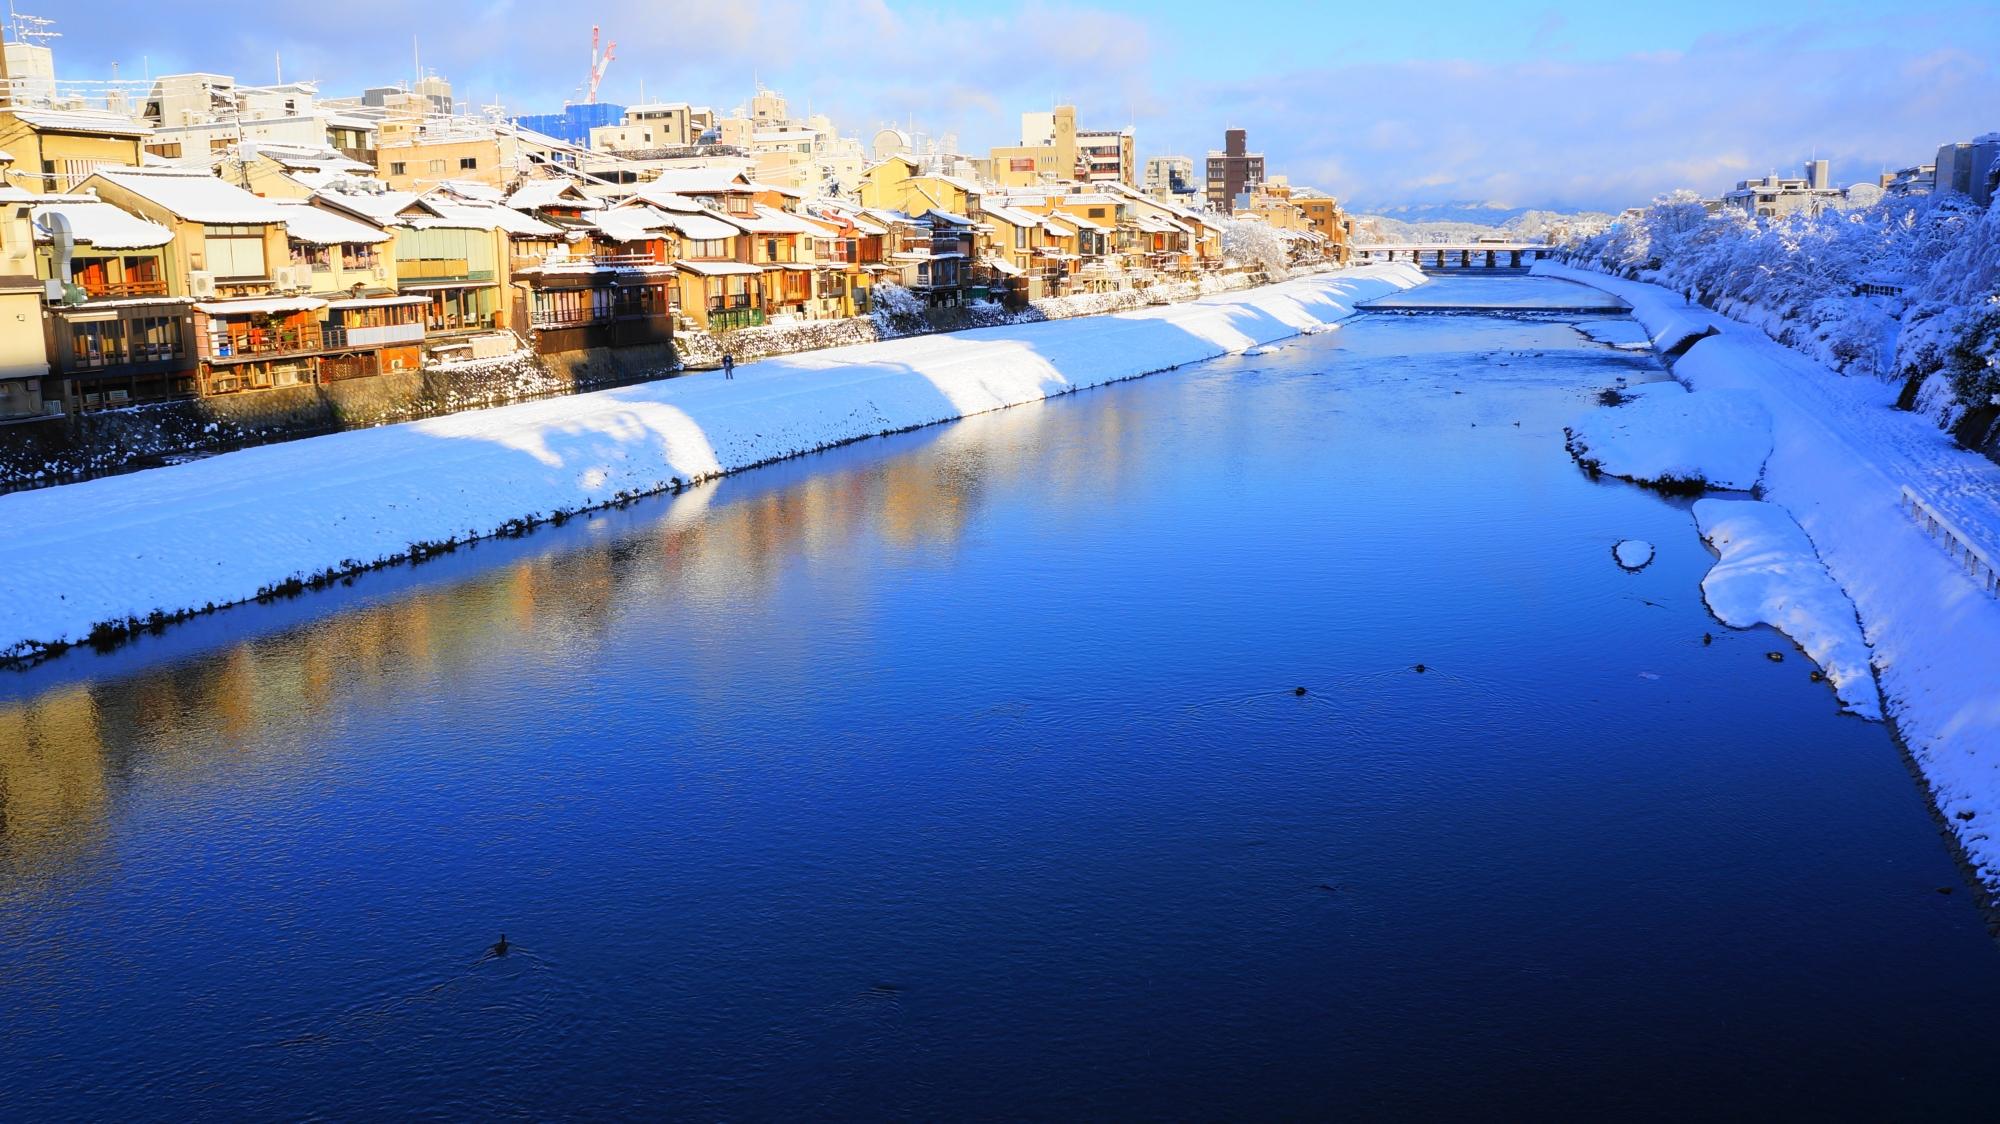 青く輝く雪の鴨川の水面と水鏡